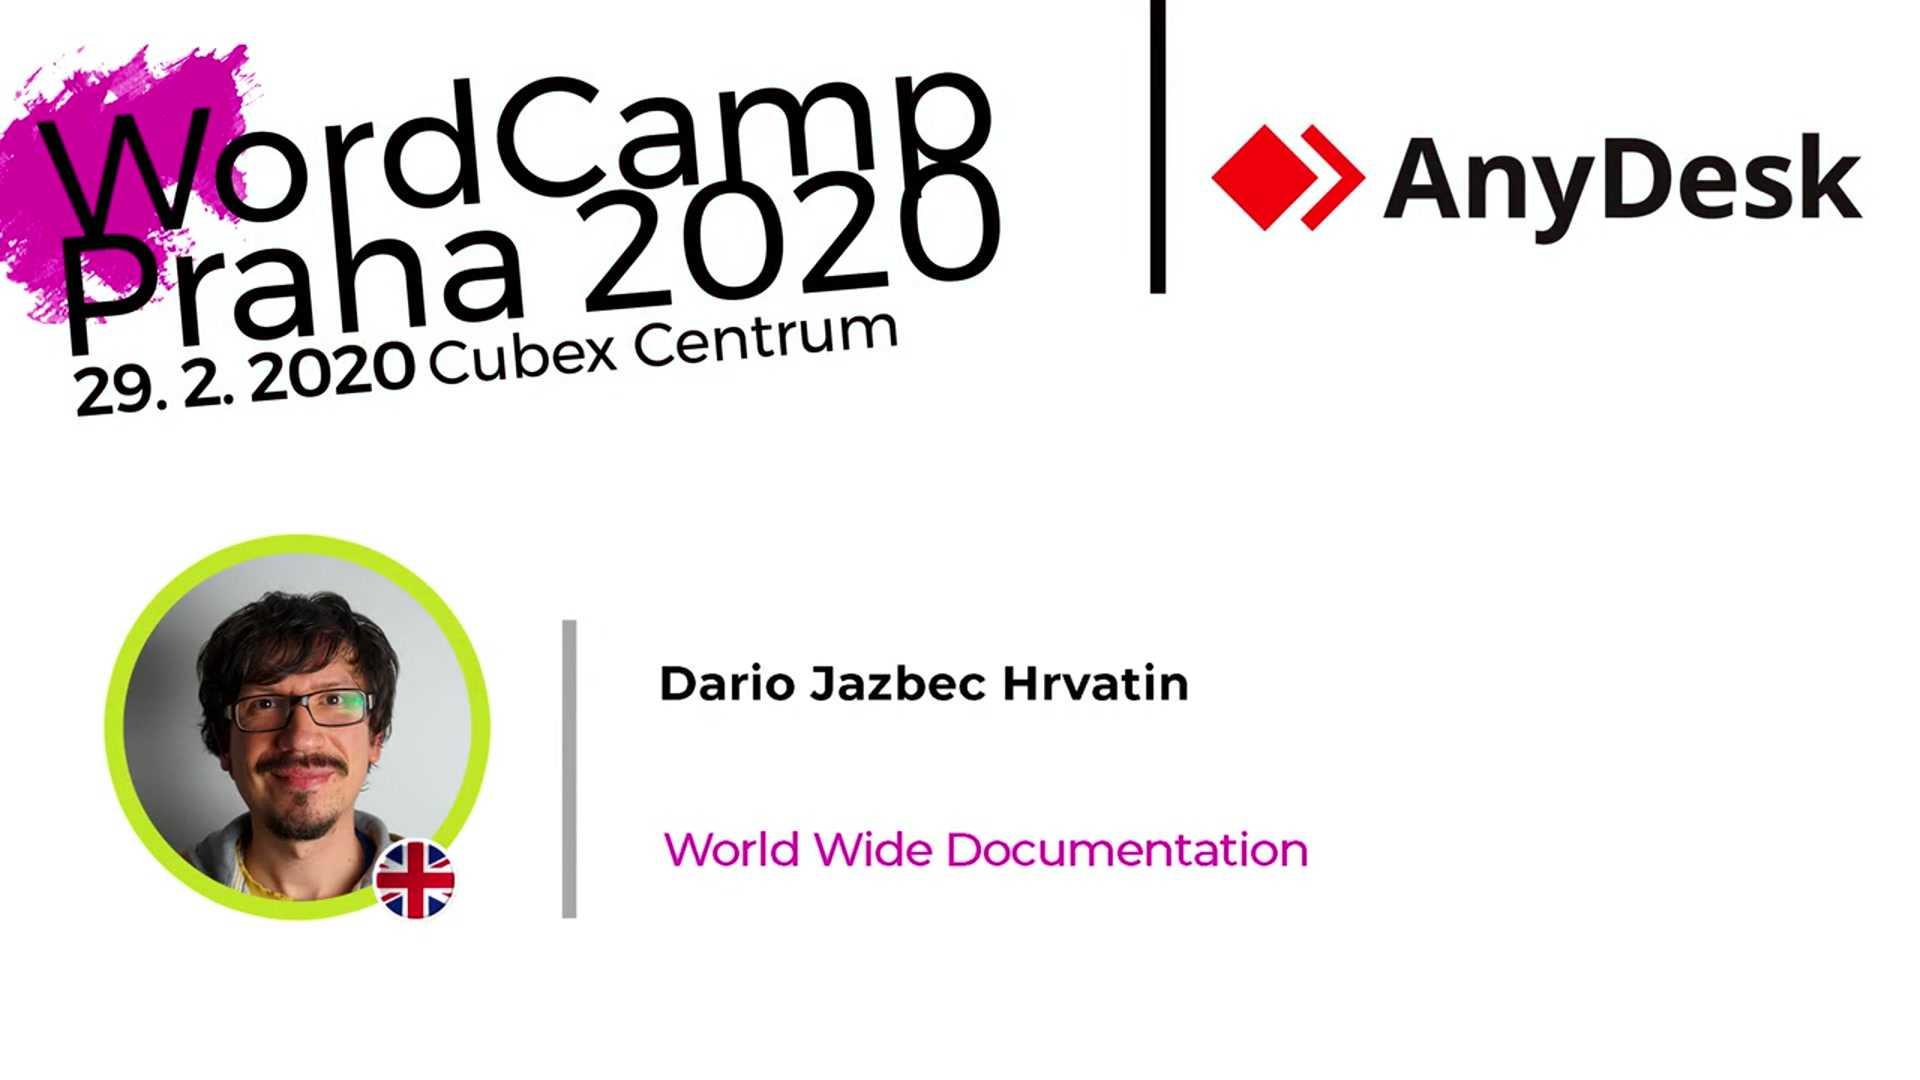 Dario Jazbec Hrvatin: World Wide Documentation